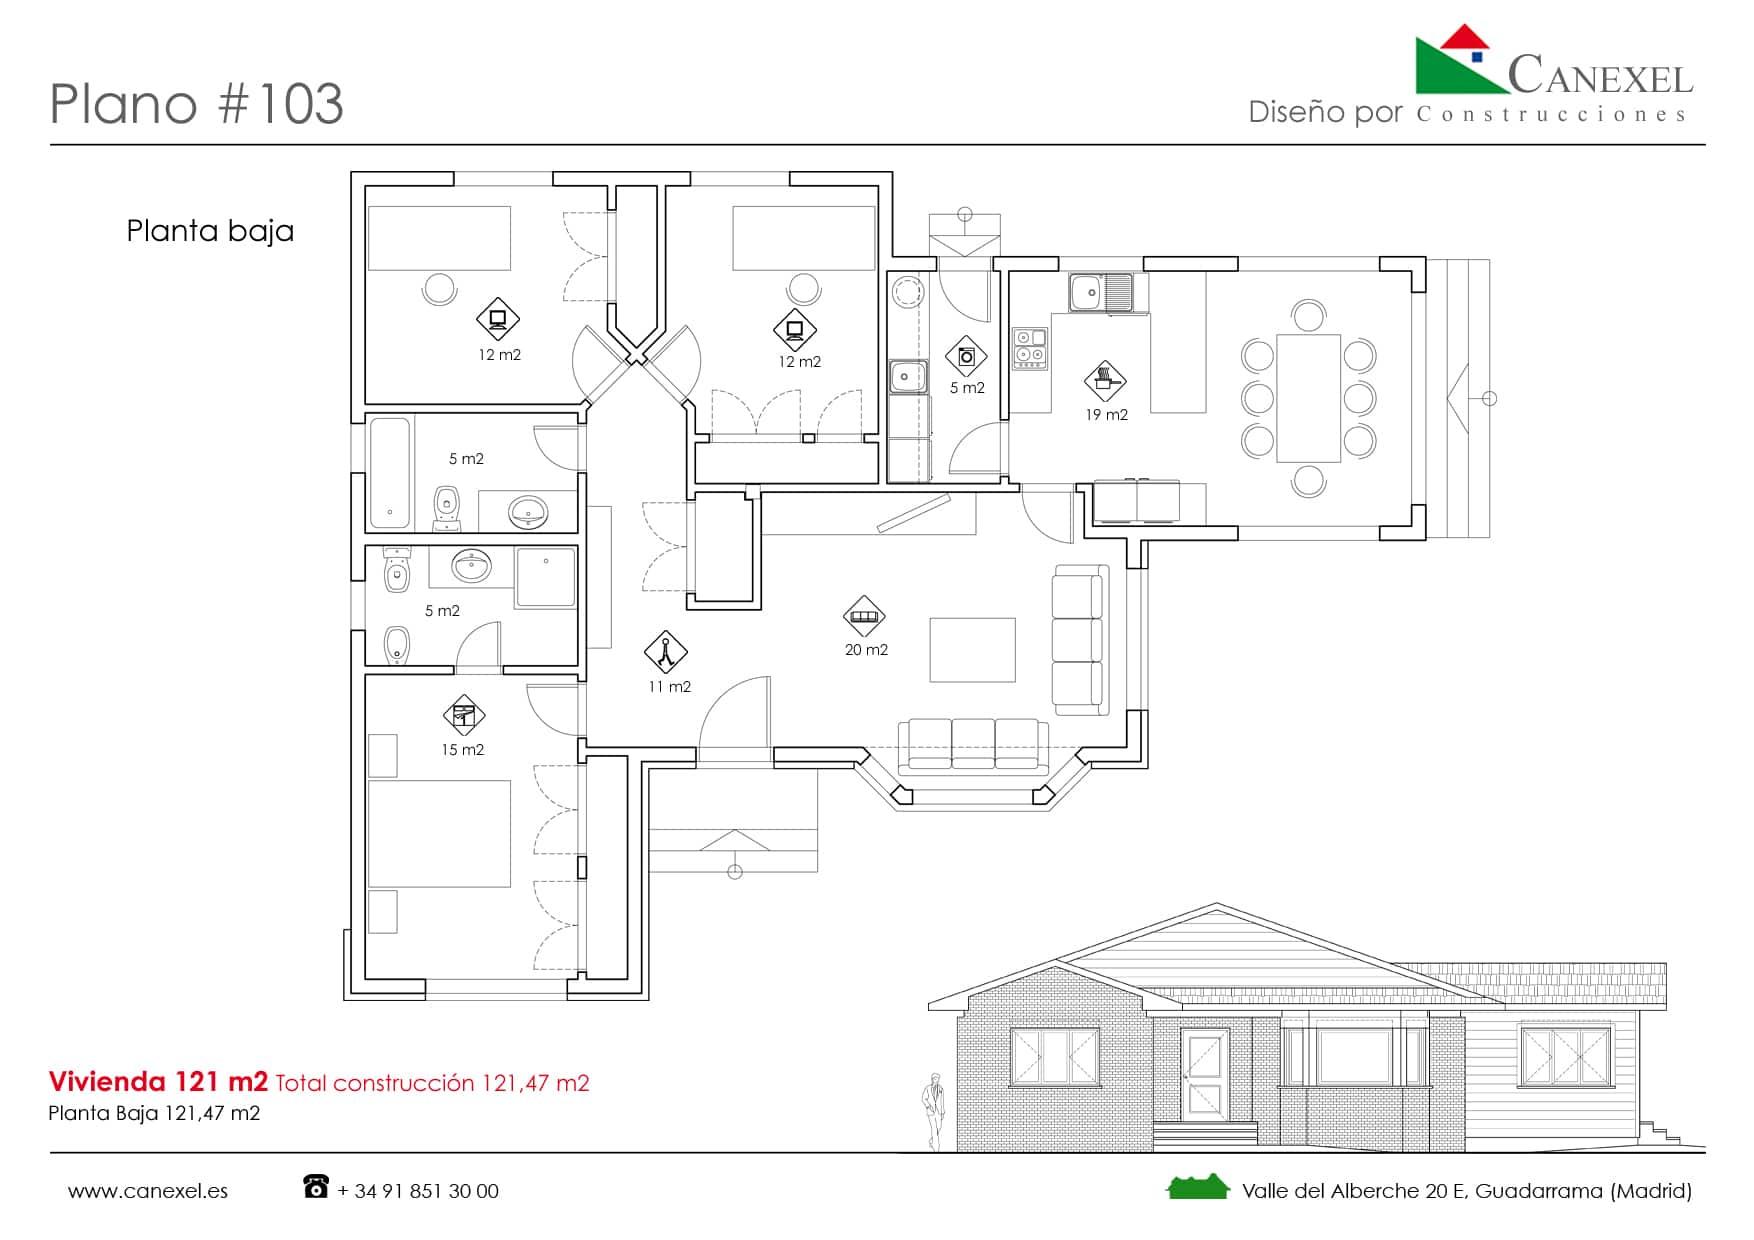 Planos de casas de una planta canexel for Casa moderna 140 m2